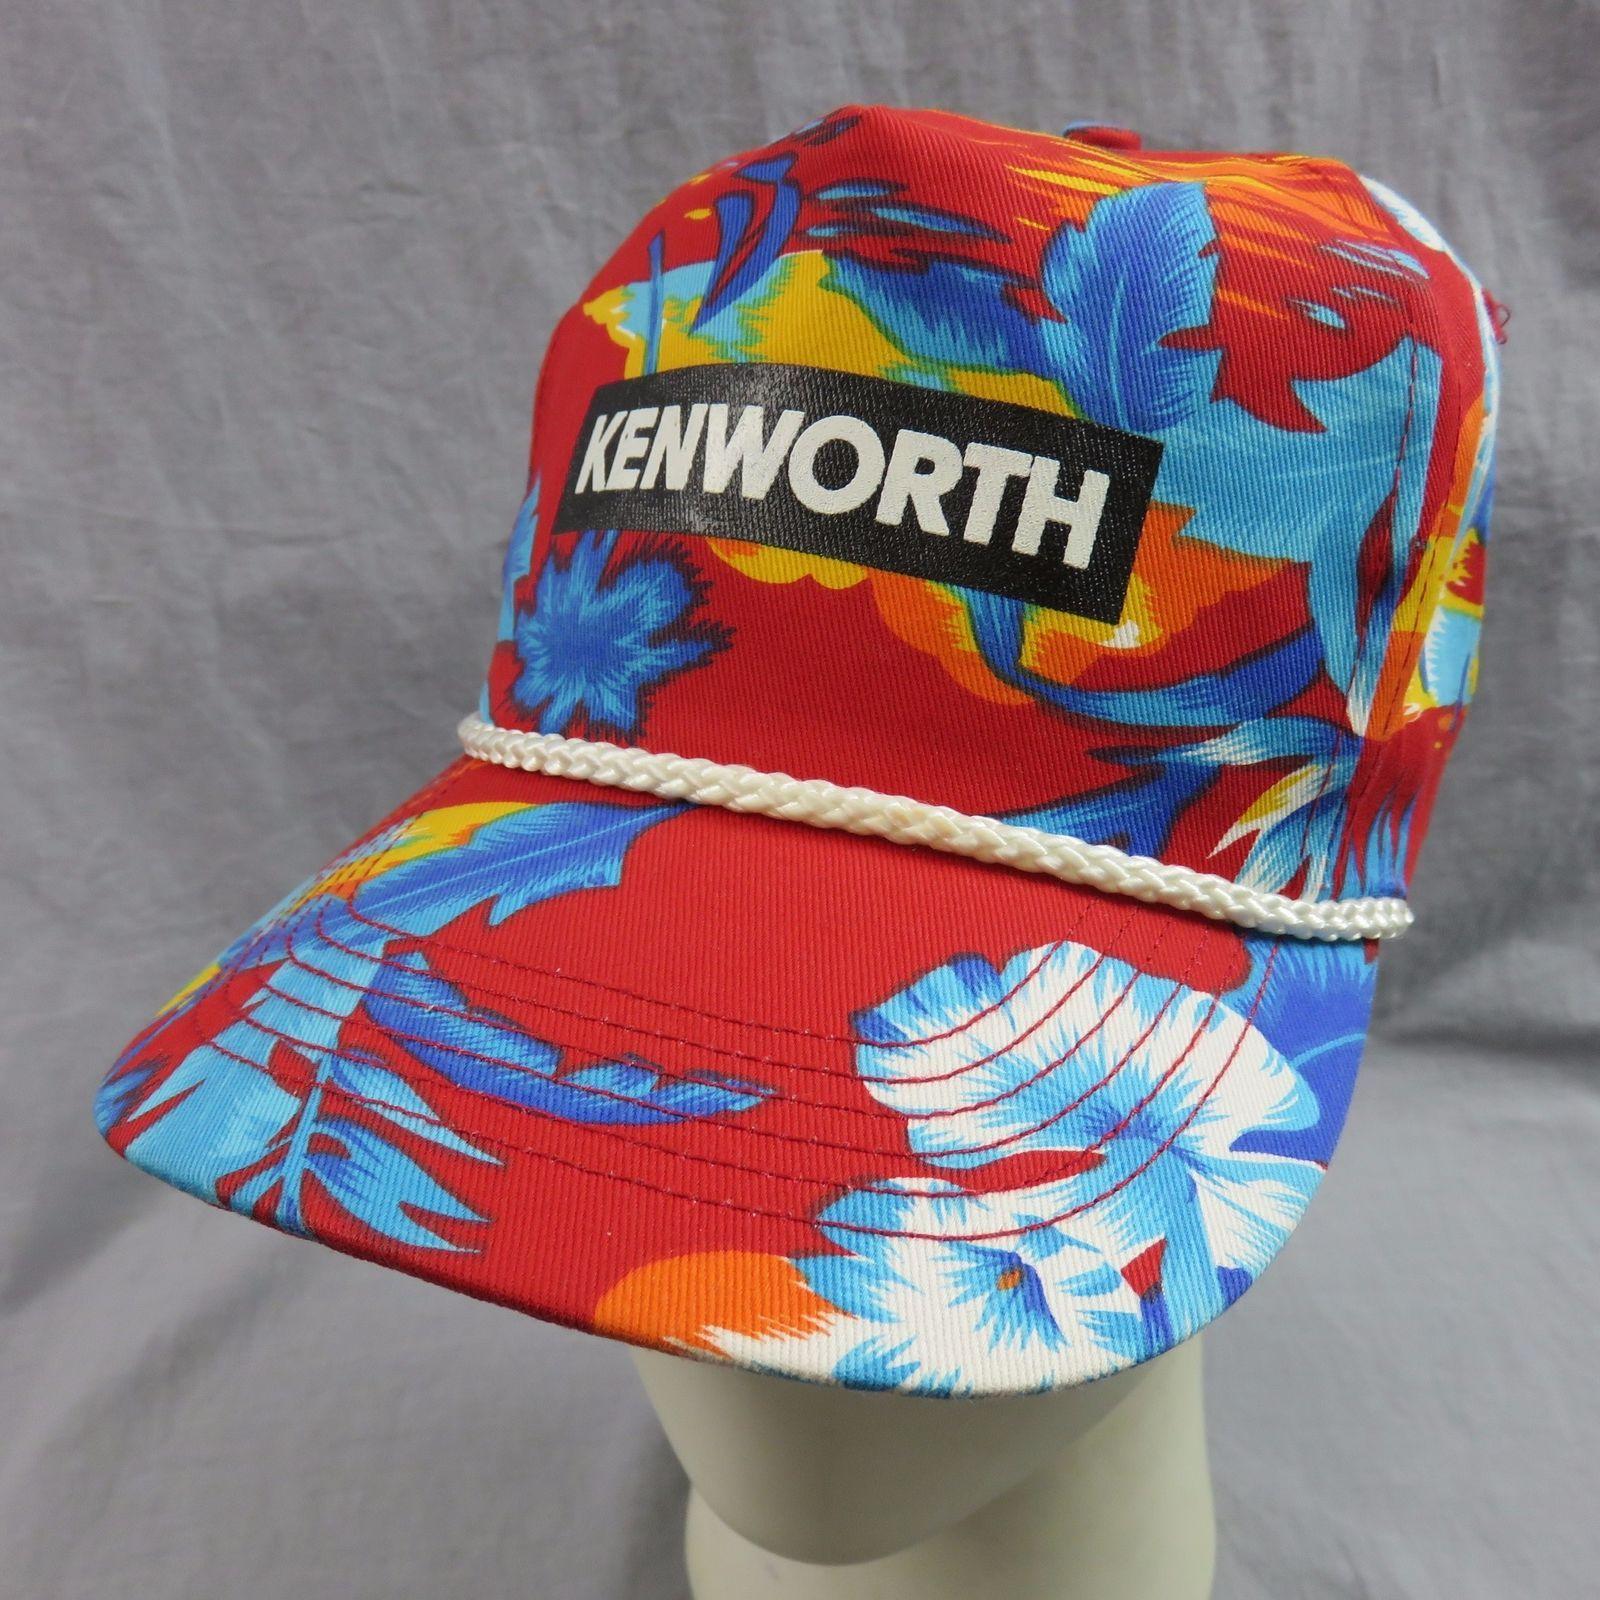 0fd9d12d Kenworth Trucks Hawaiian Floral Snapback Cap and 50 similar items. S l1600